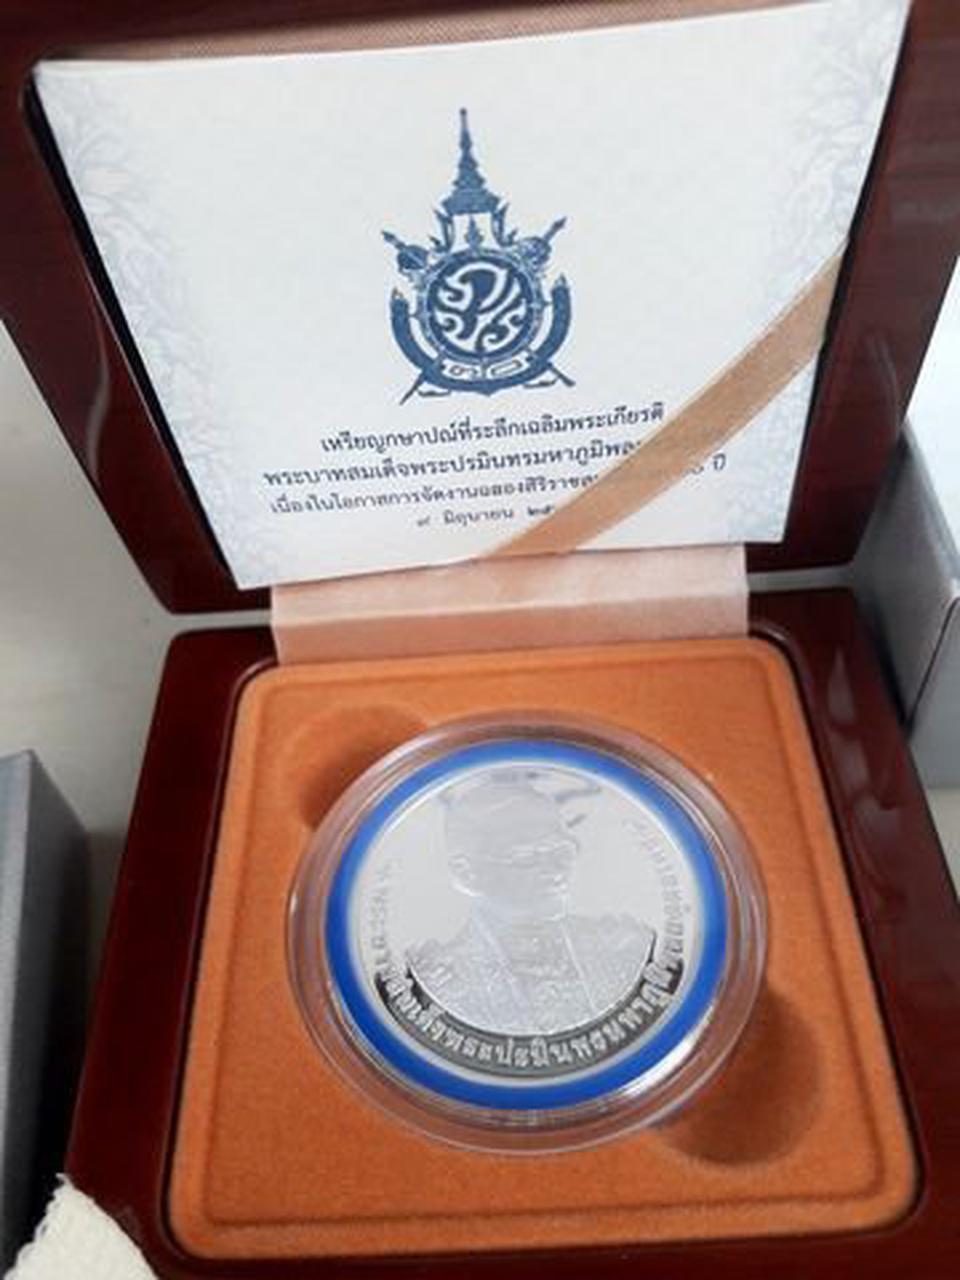 เหรียญที่ระลึกในหลวงร.9 ครองราชย์ครบ 70 ปี เนื้อเงิน (เหรียญรุ่นสุดท้ายที่ทันพระองค์) รูปที่ 3